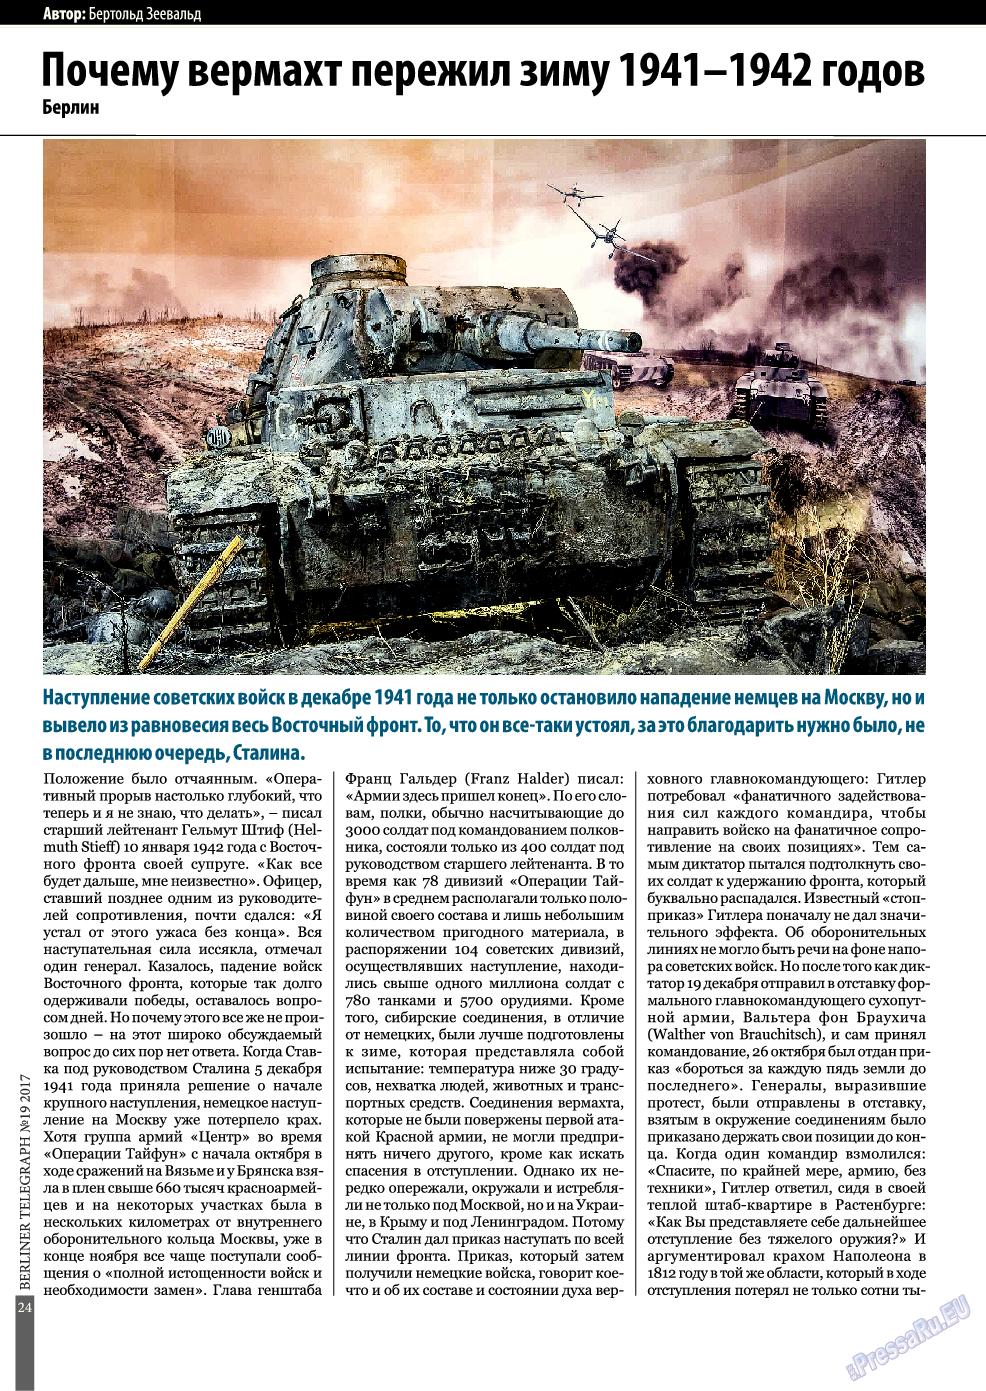 Берлинский телеграф (журнал). 2017 год, номер 19, стр. 24